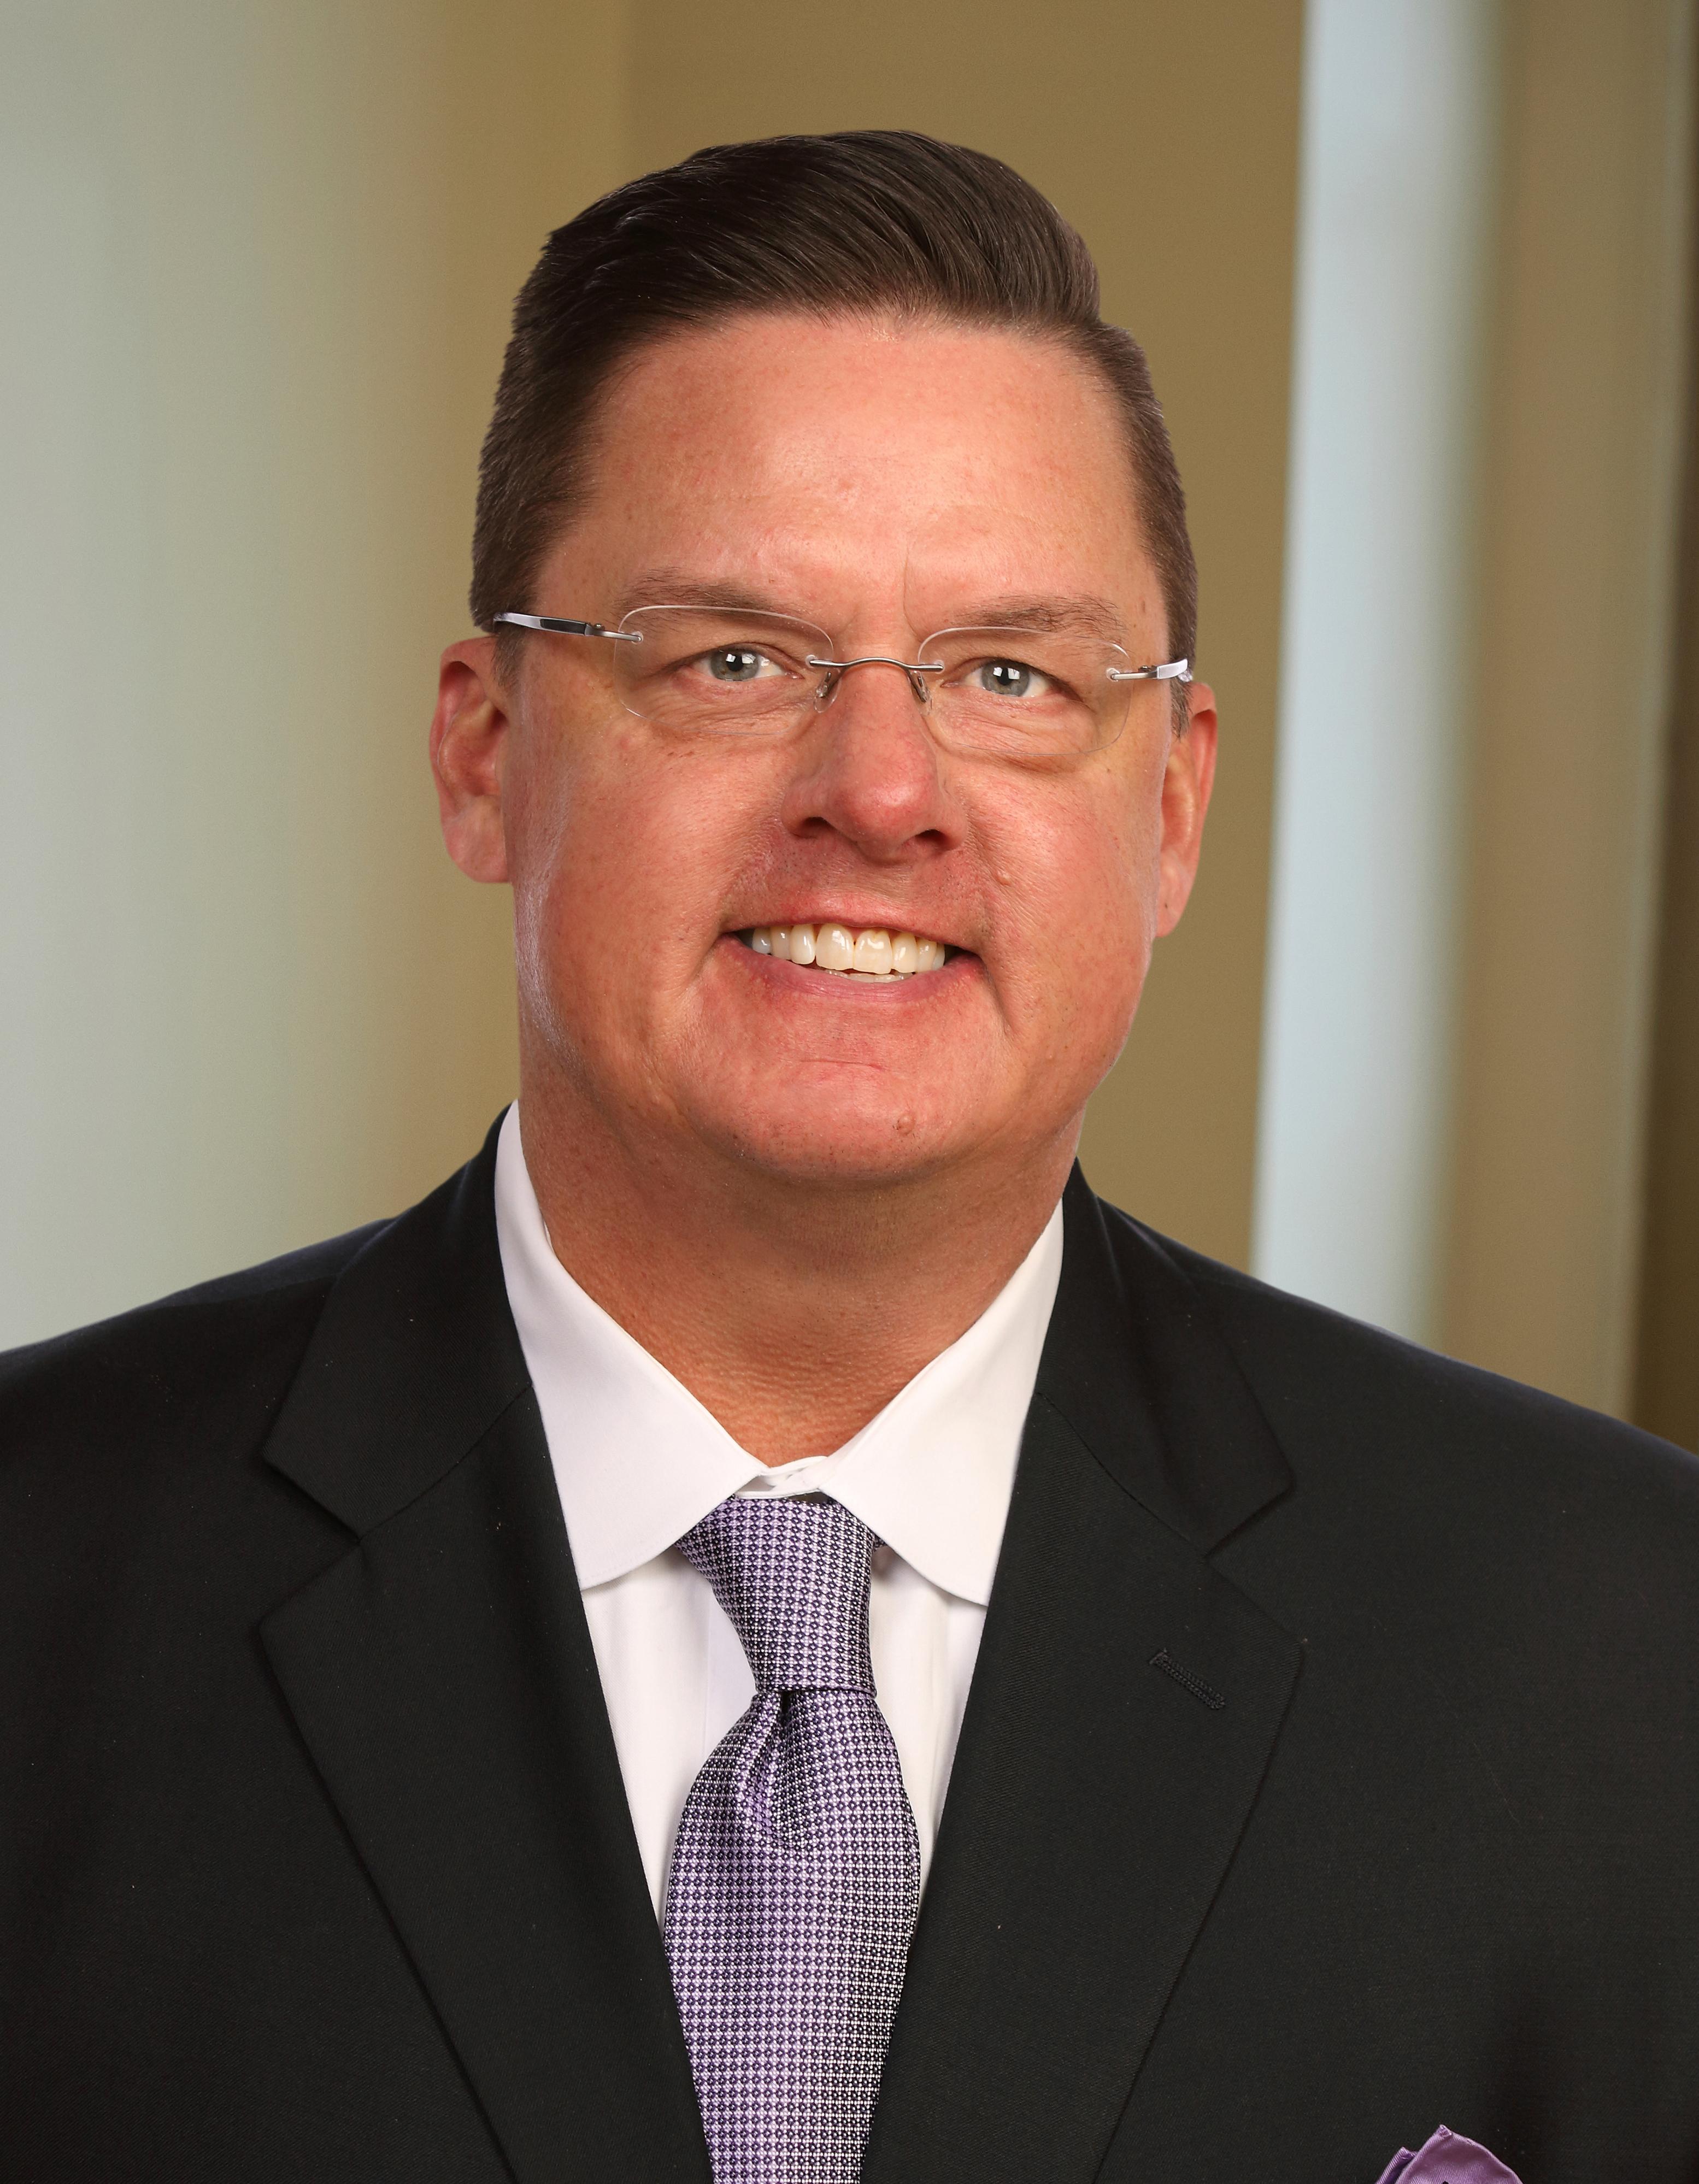 Todd Erne